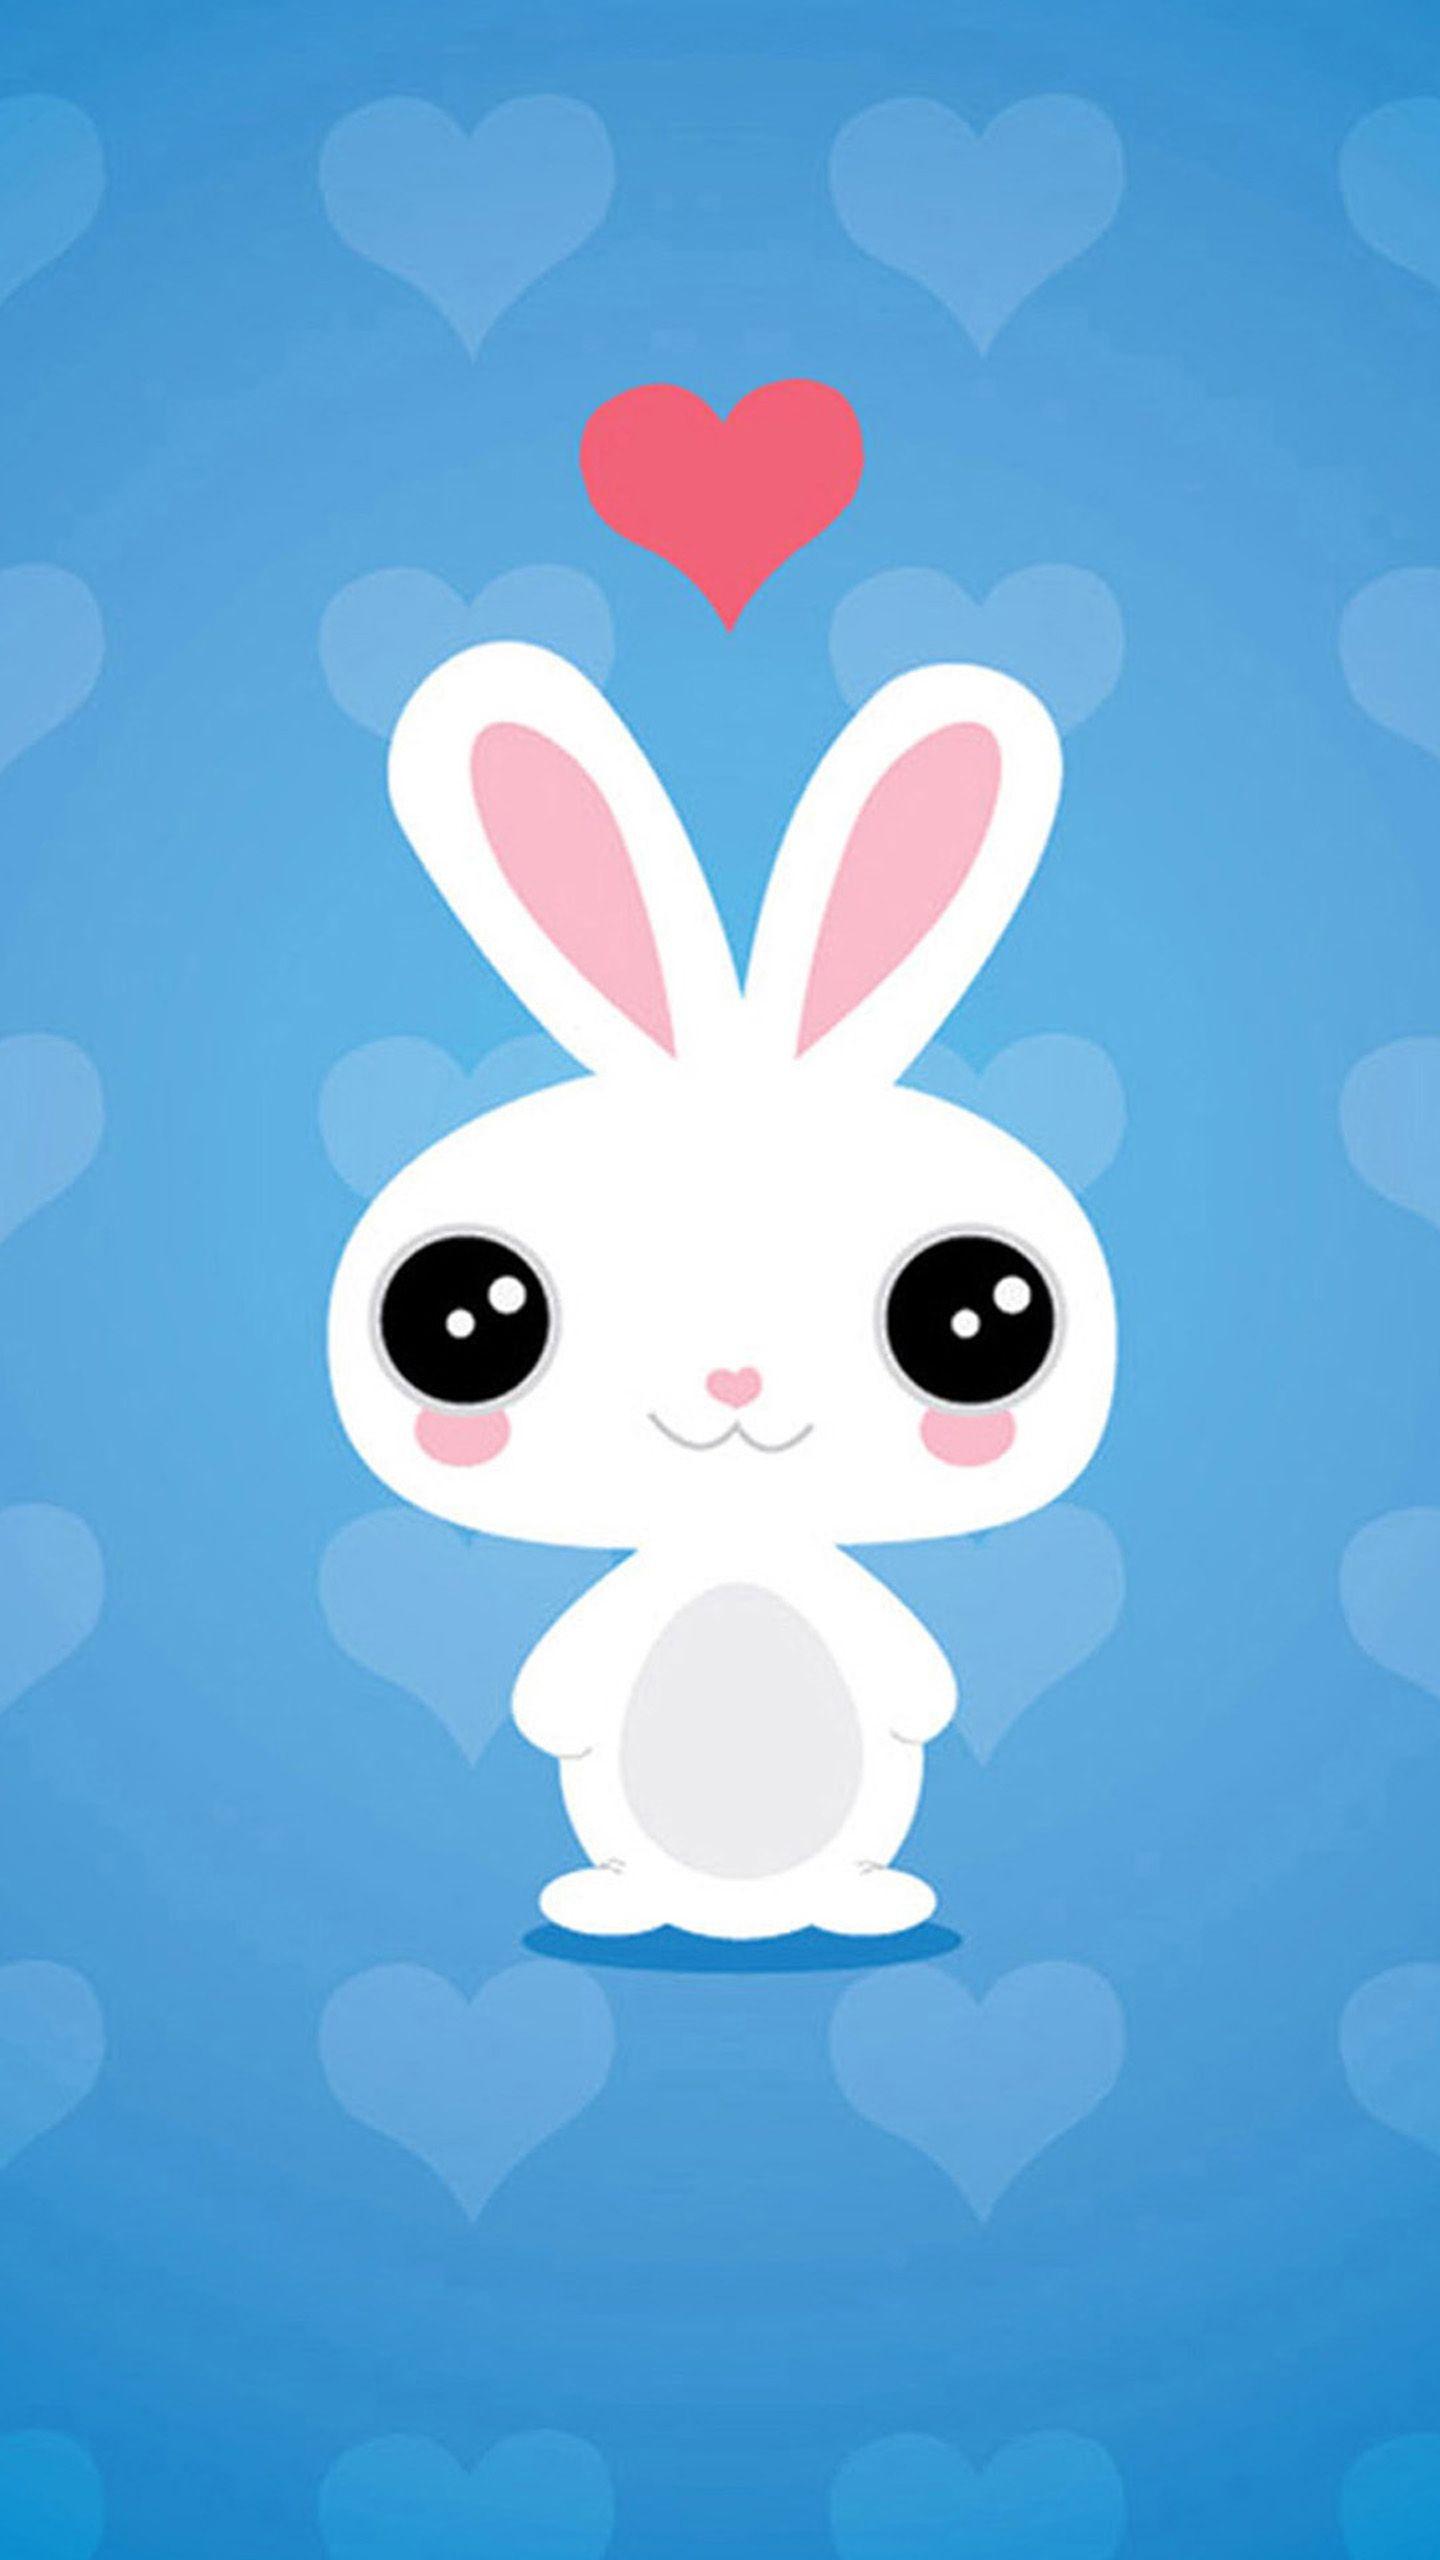 Cute Bunny Wallpaper Wallpaper Iphone Cute Cute Cartoon